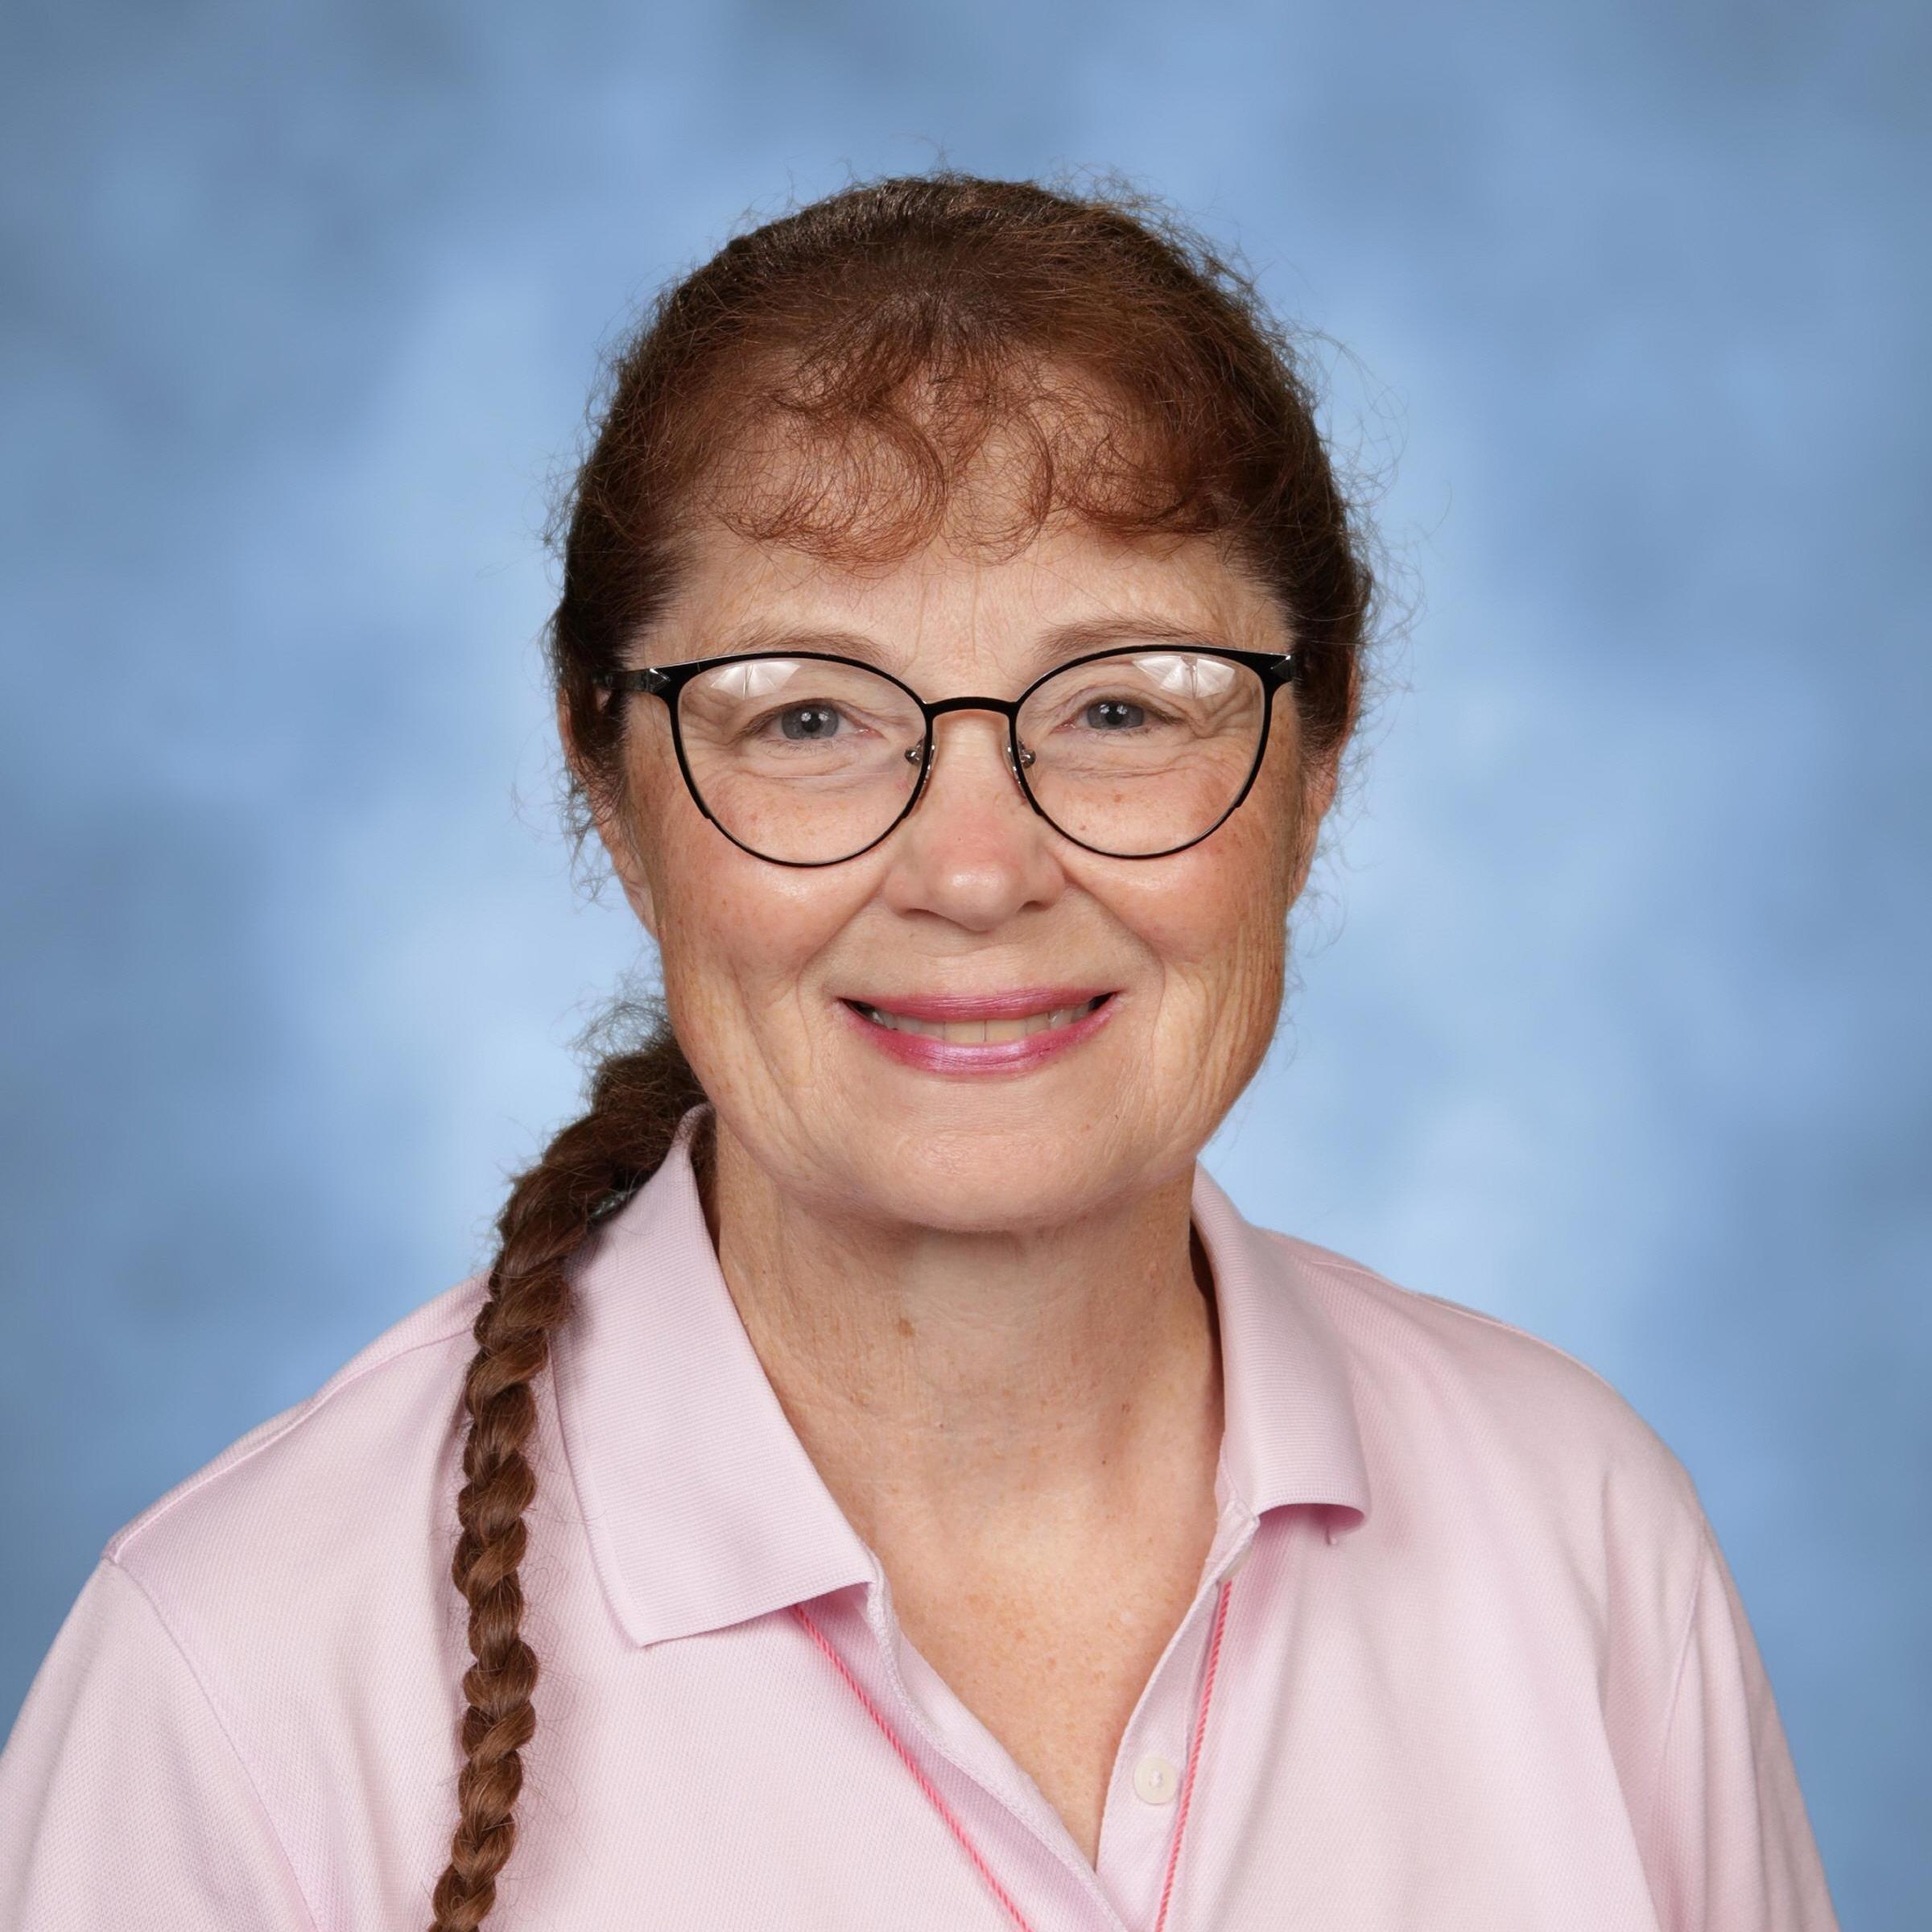 Pam Knight-Stouffer's Profile Photo